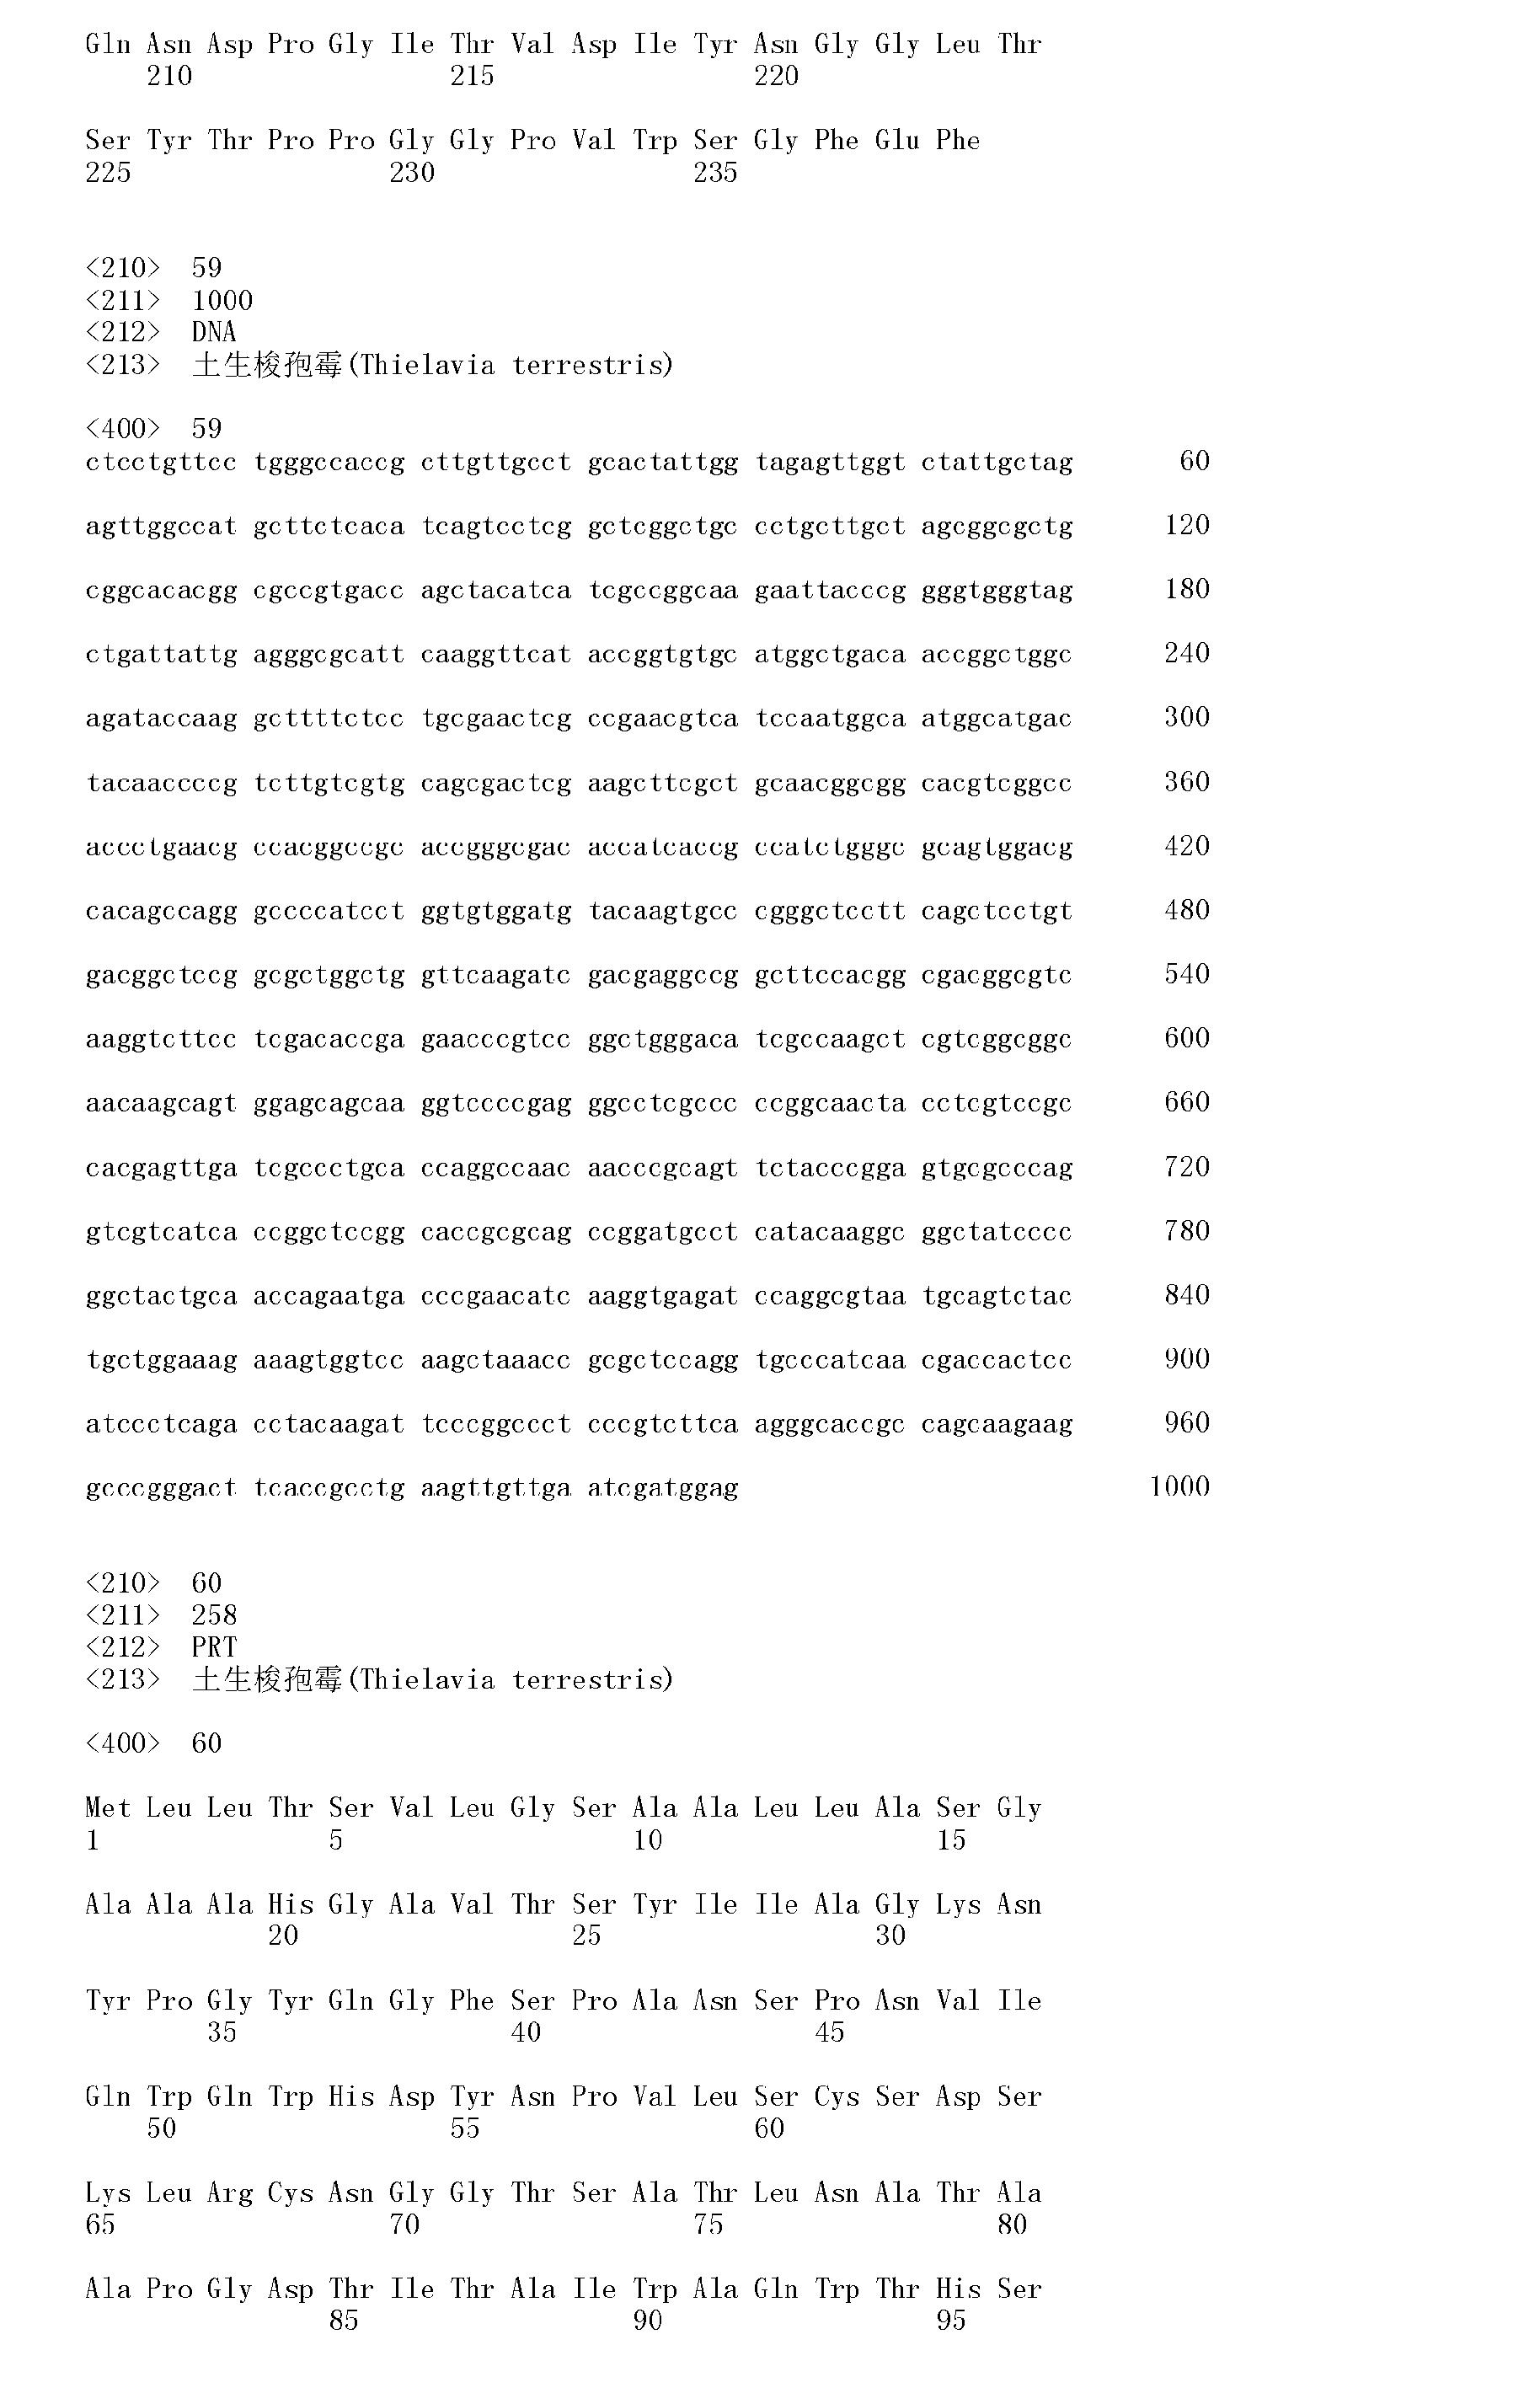 Figure CN102388134A01371